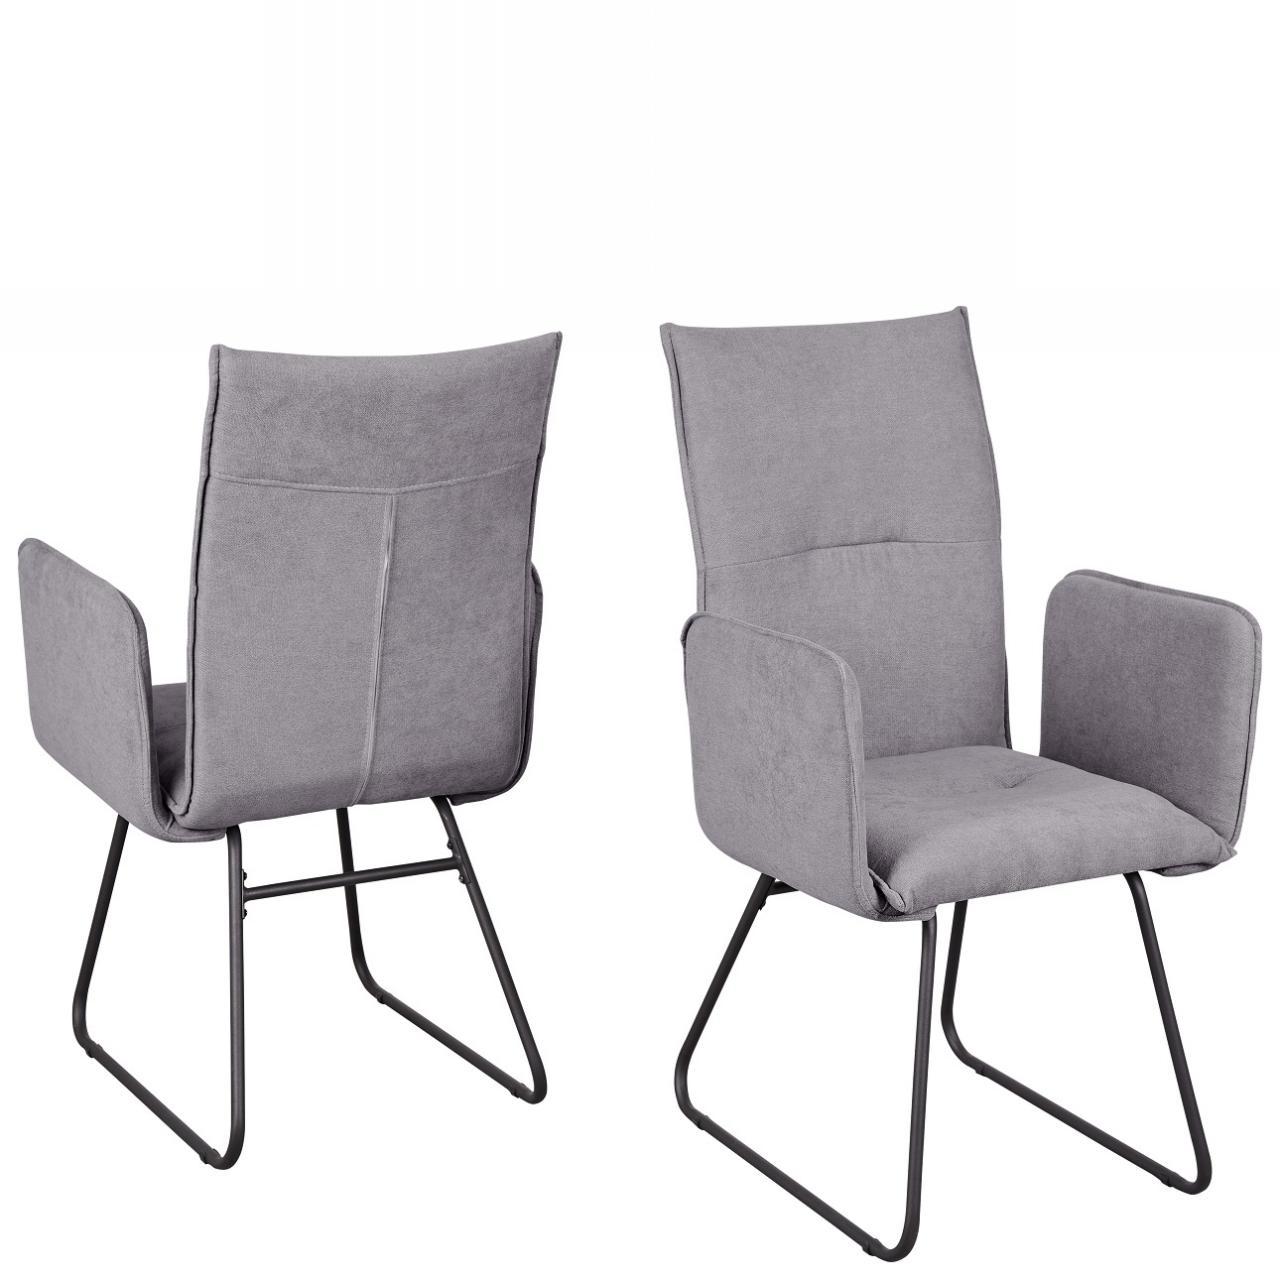 Stuhl Arona 5015-03 Esszimmerstuhl Armlehnstuhl Stoff Metall Küchenstuhl